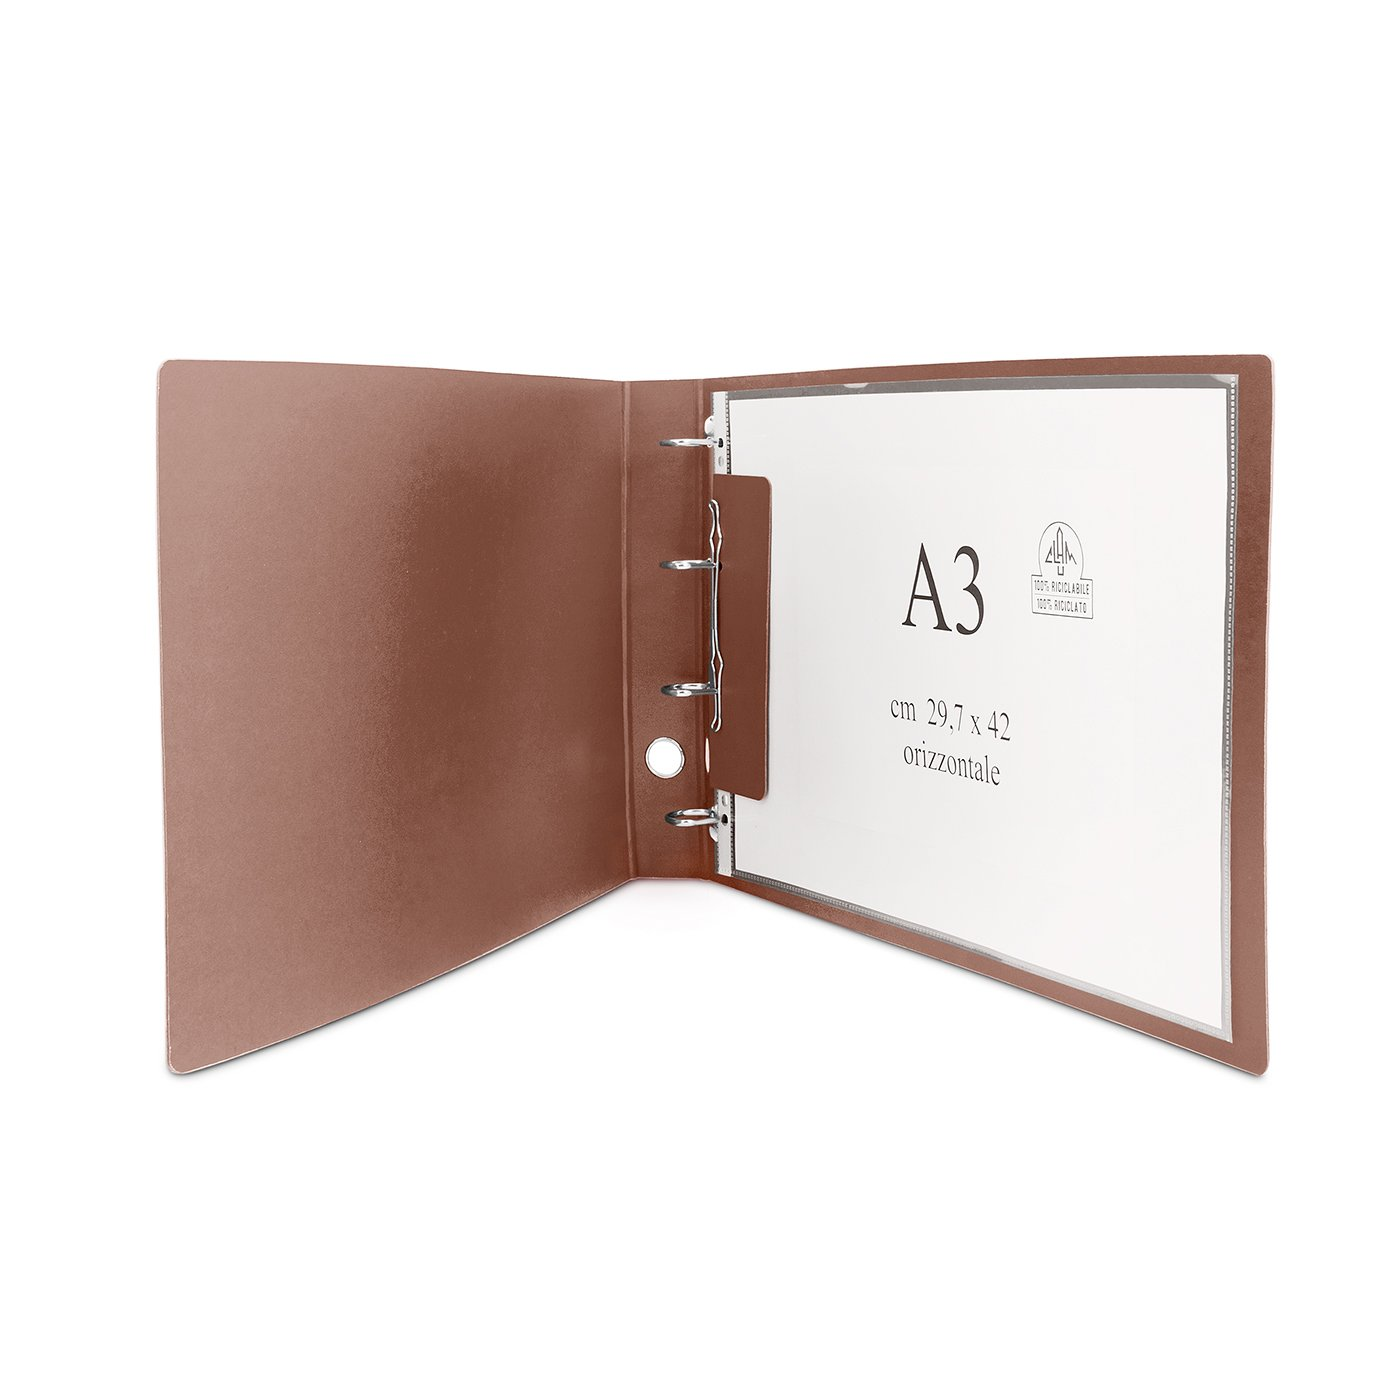 CLAM Raccoglitore orizzontale per fogli e buste A3 nel formato massimo cm 30, 5 x 42. Meccanismo ad anelli. Dorso 5 cm.